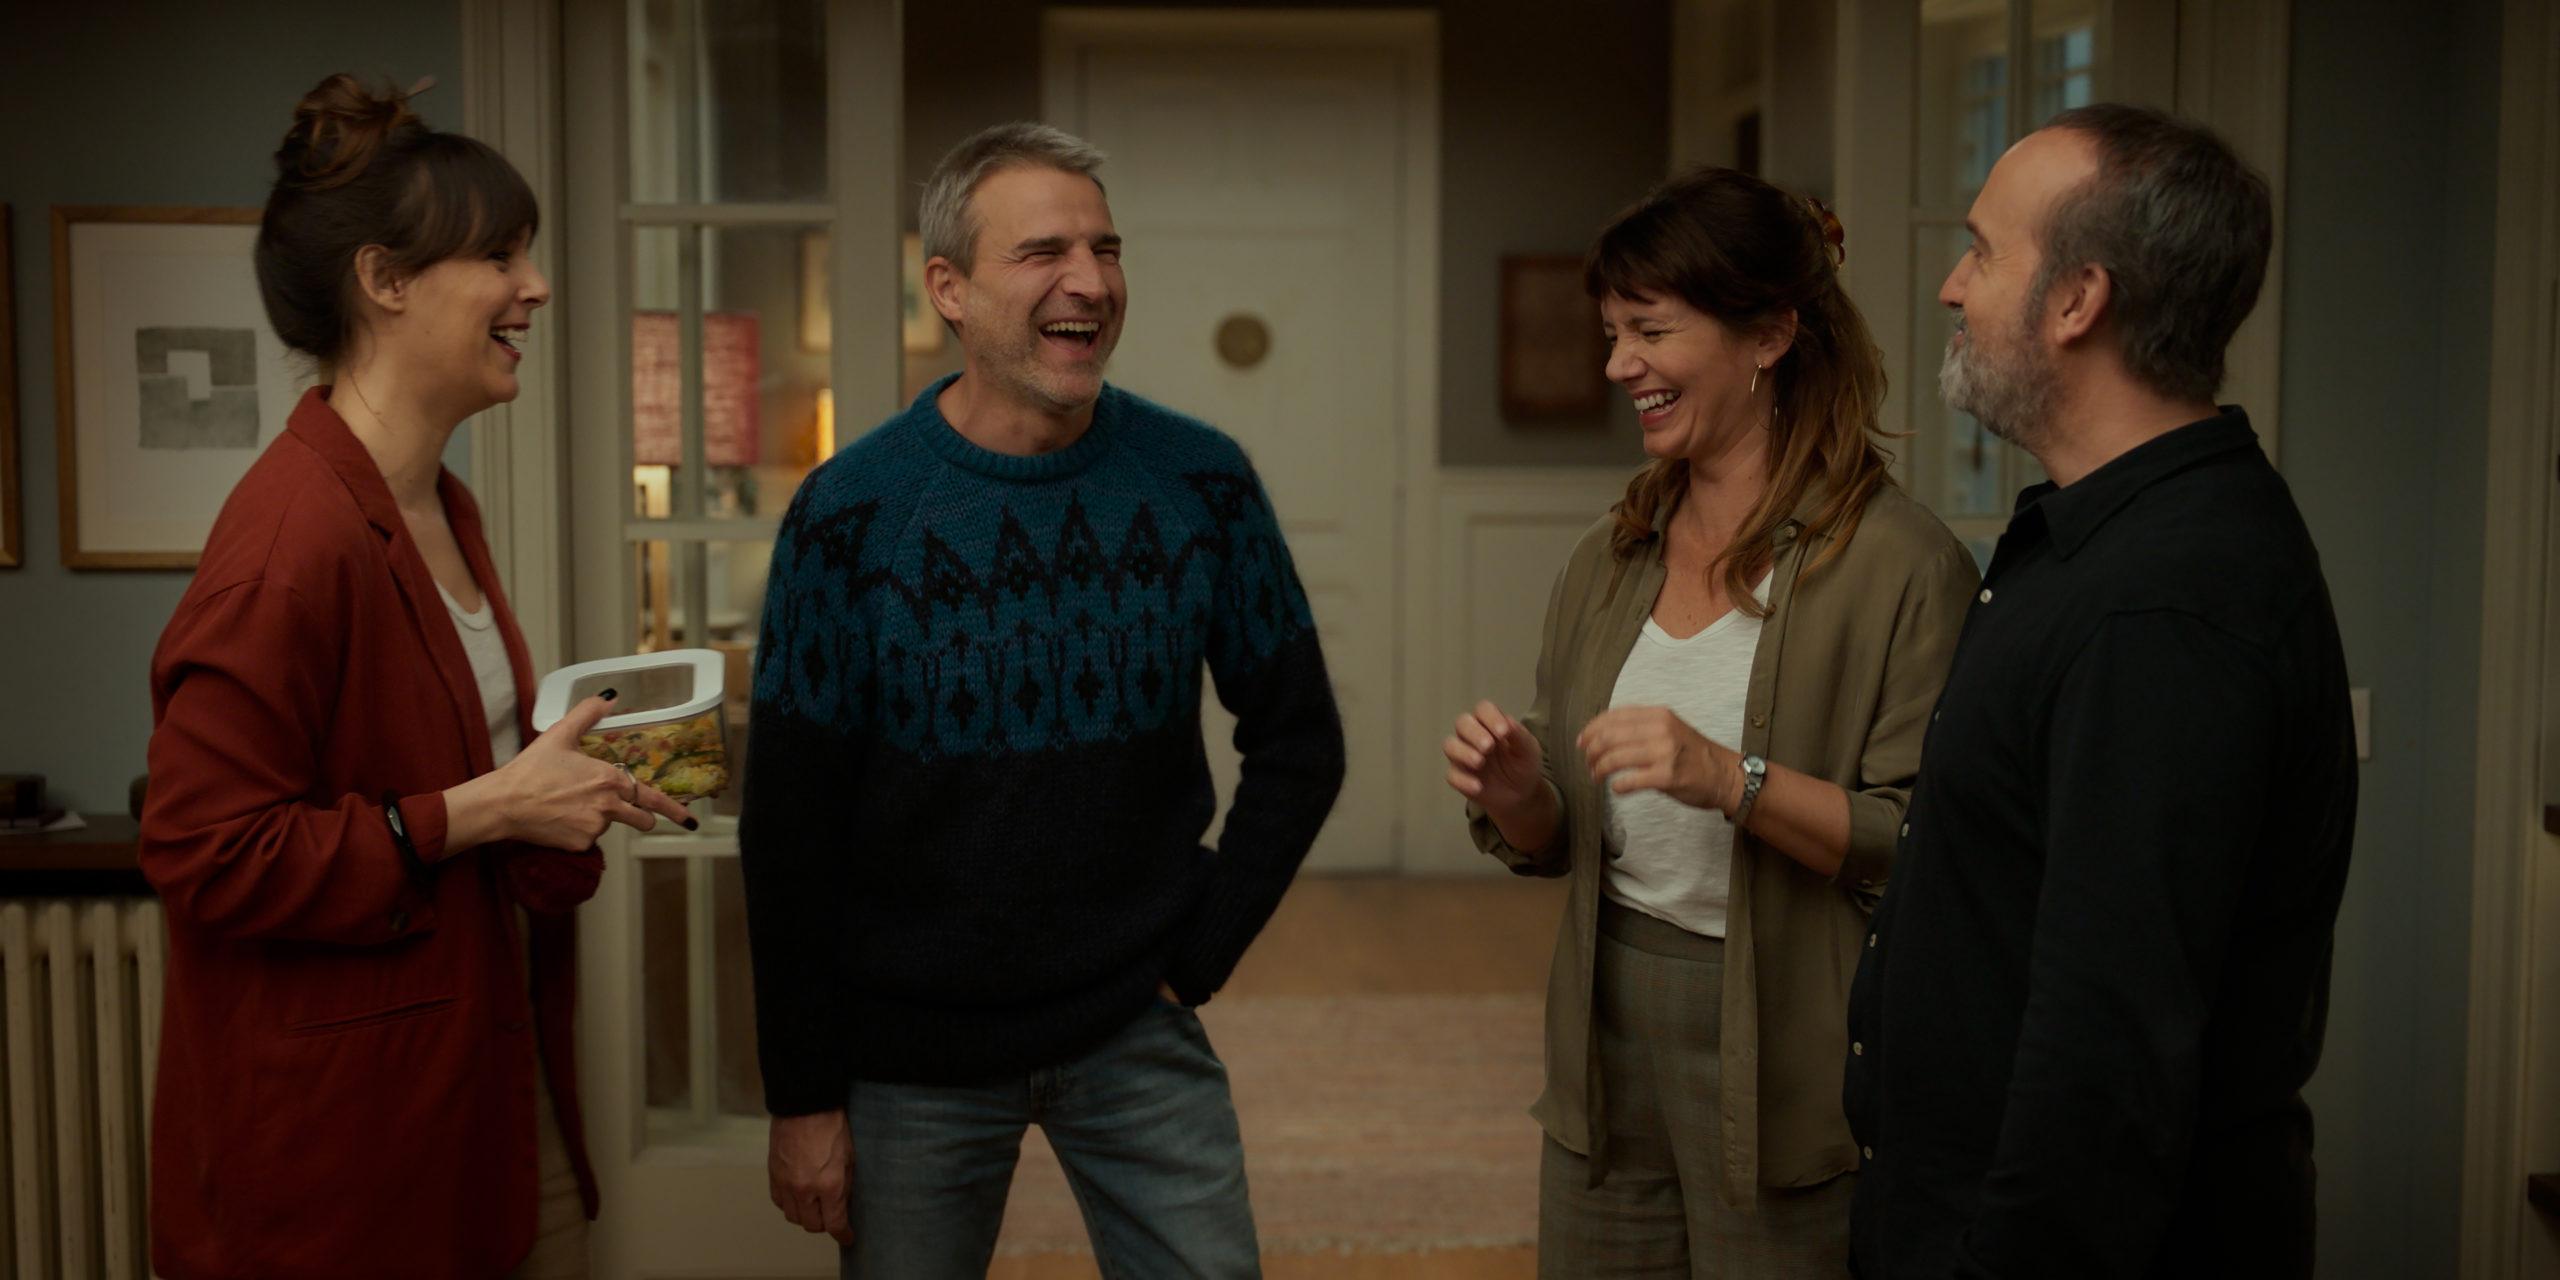 «Соседи сверху» — остроумная комедия положений о сексе и семейном счастье